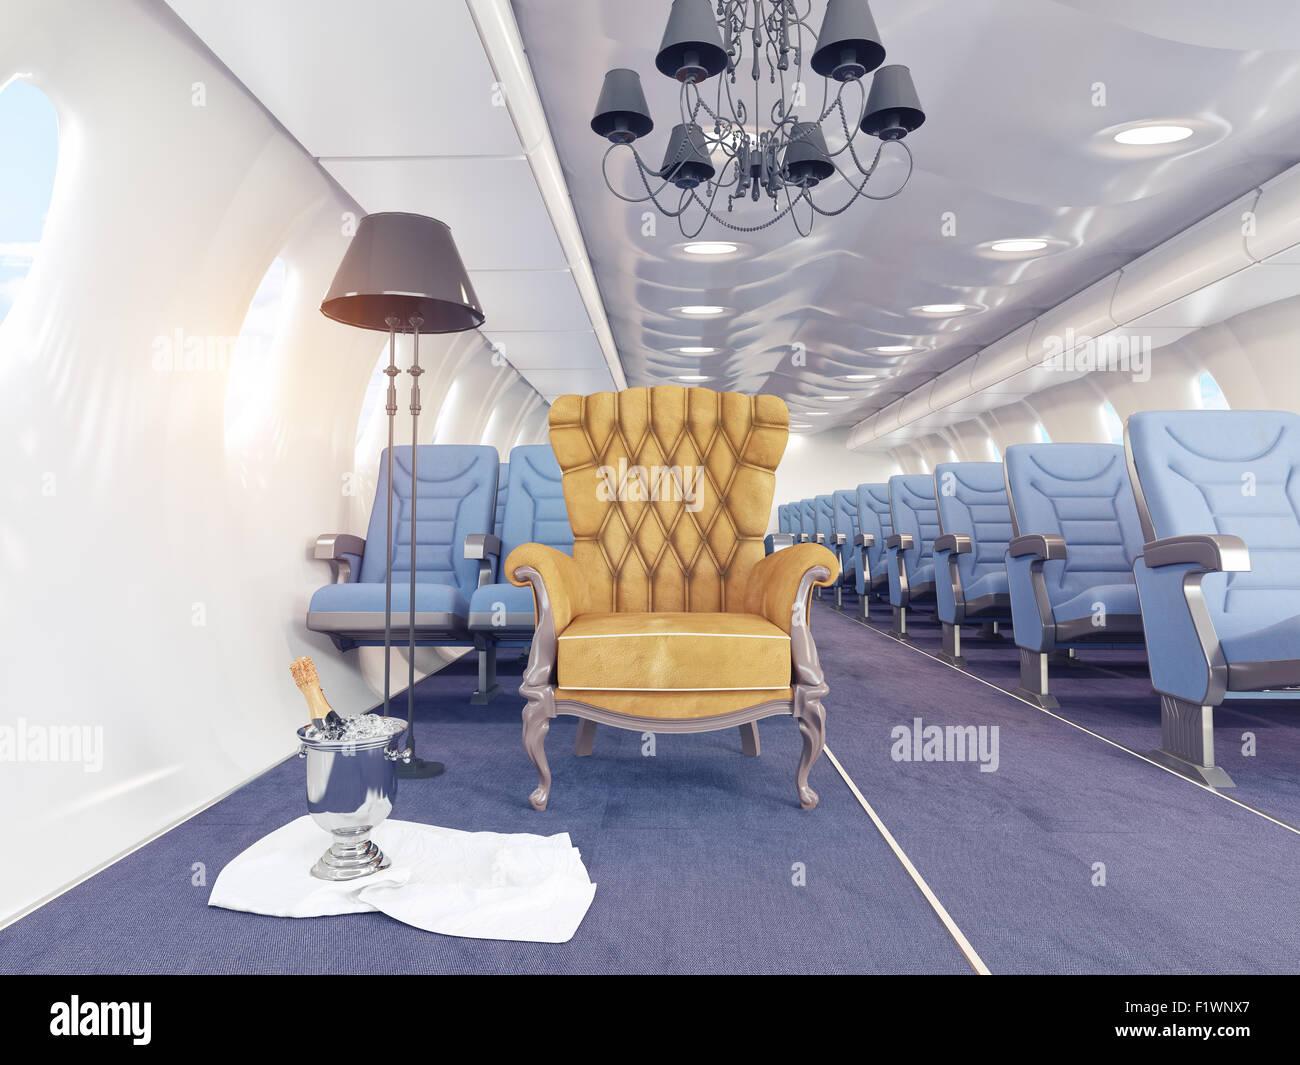 Poltrona di lusso in cabina aereo. 3d il concetto di creatività Immagini Stock